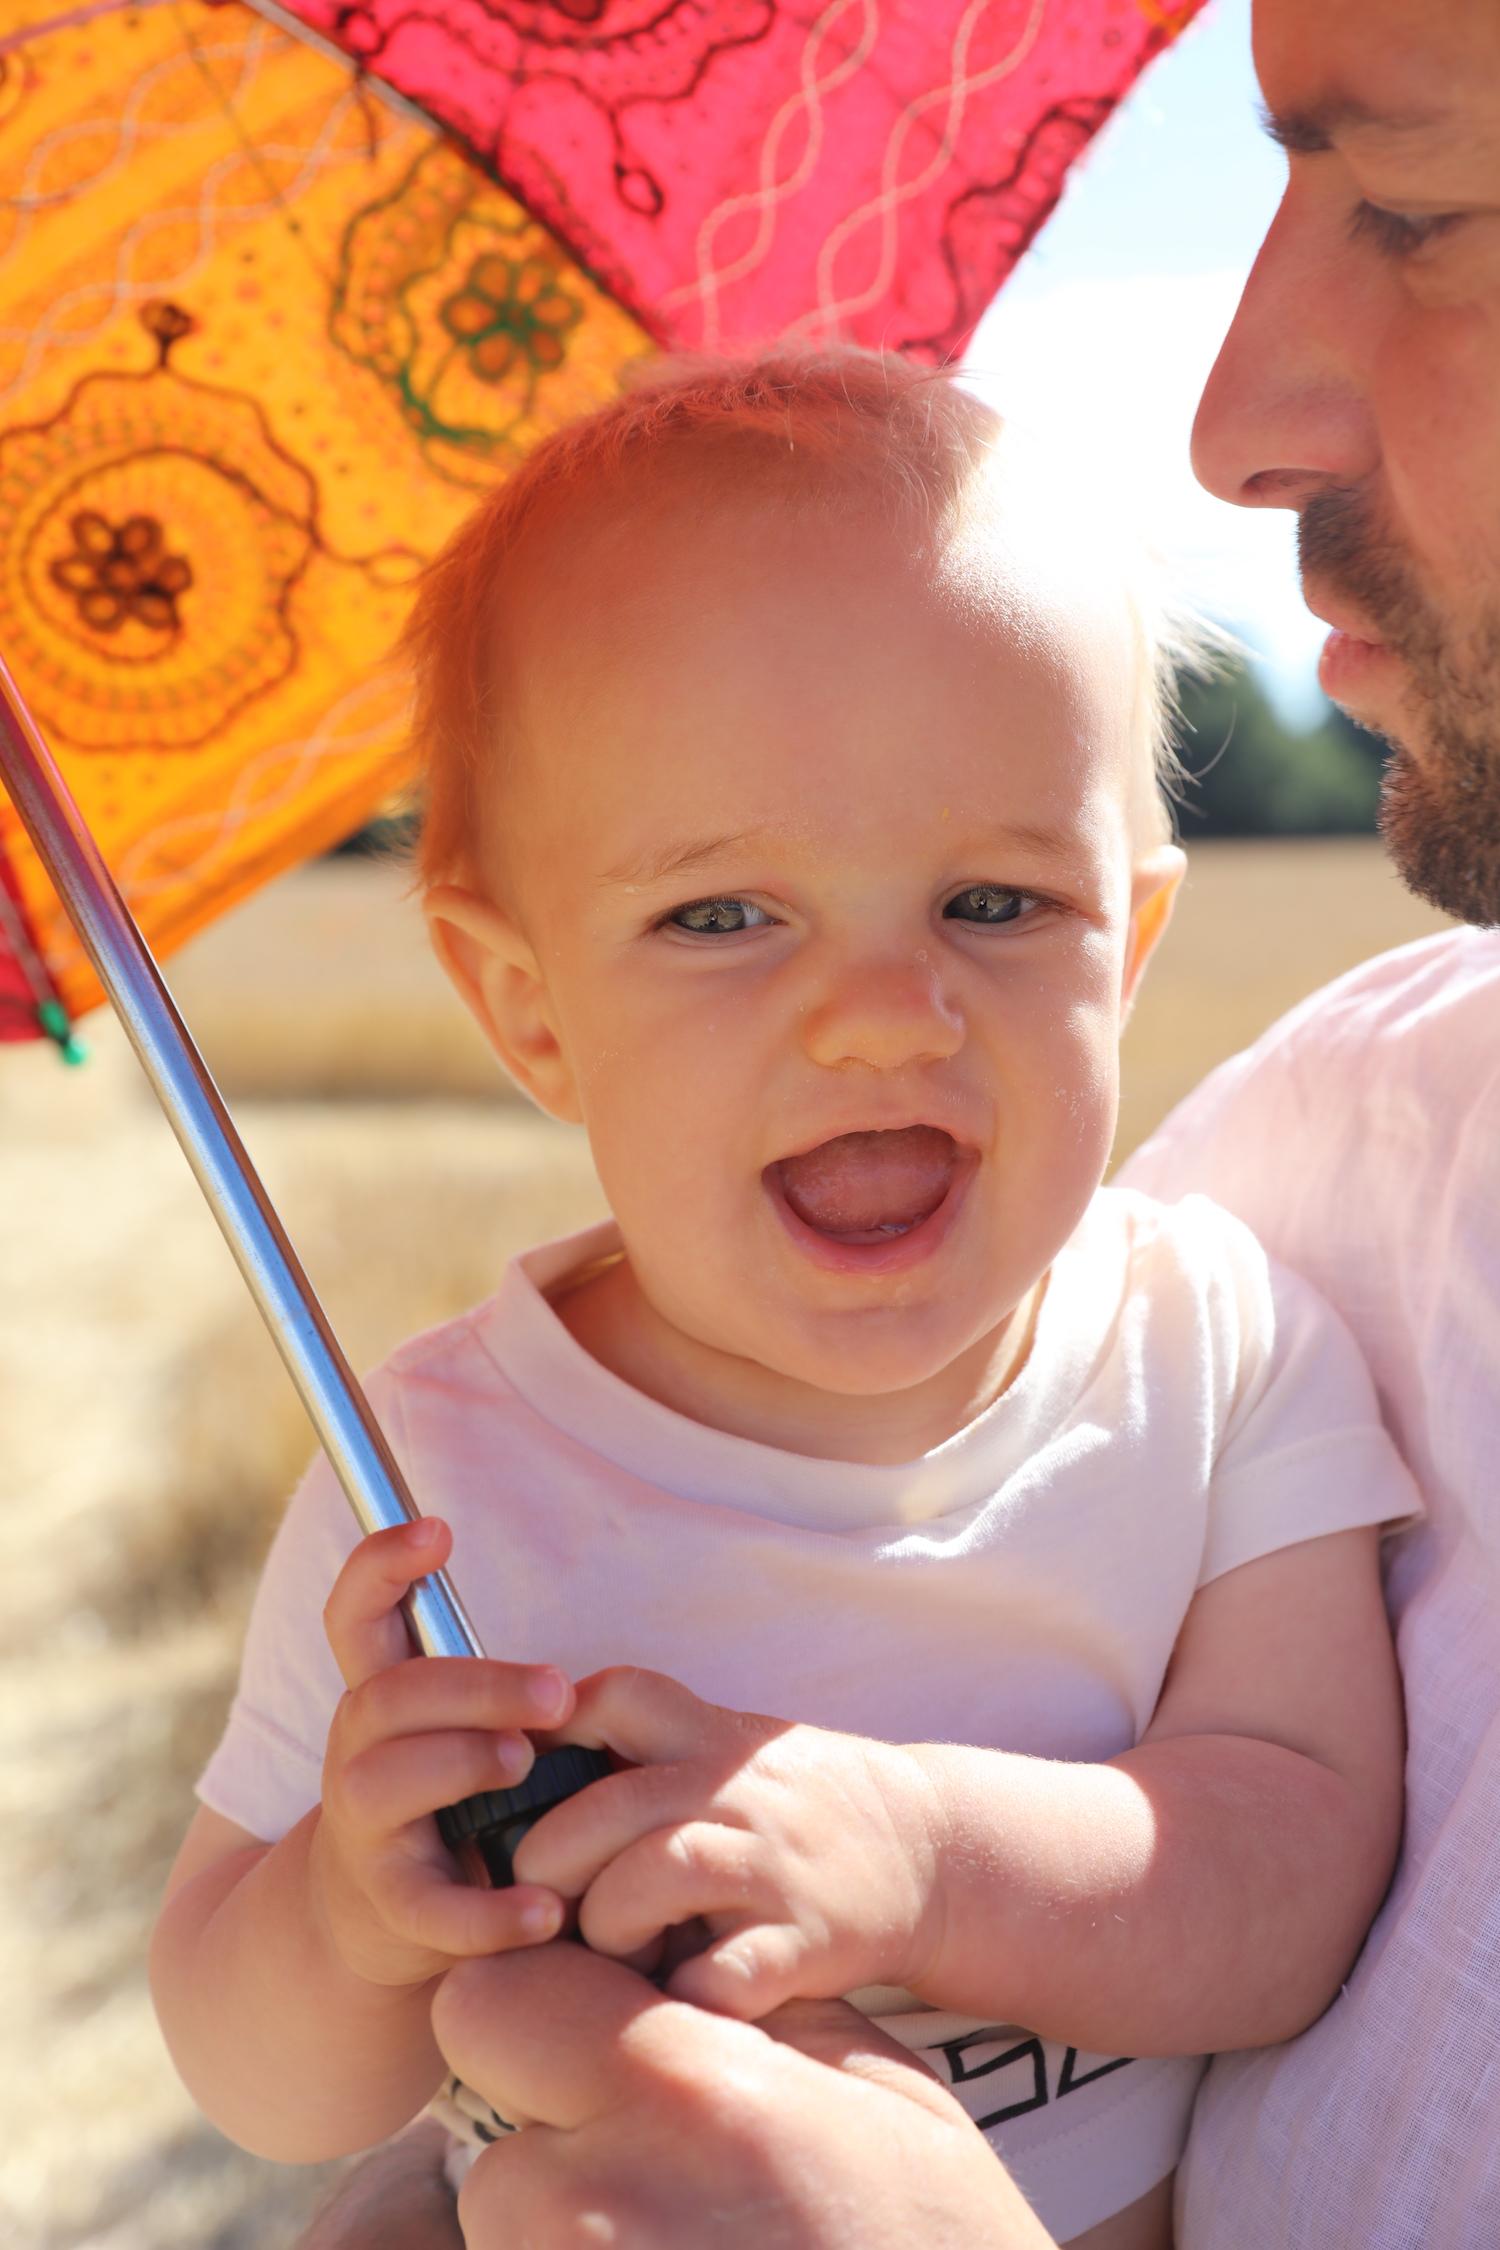 baby_umbrella_hugo_oloves_tiki